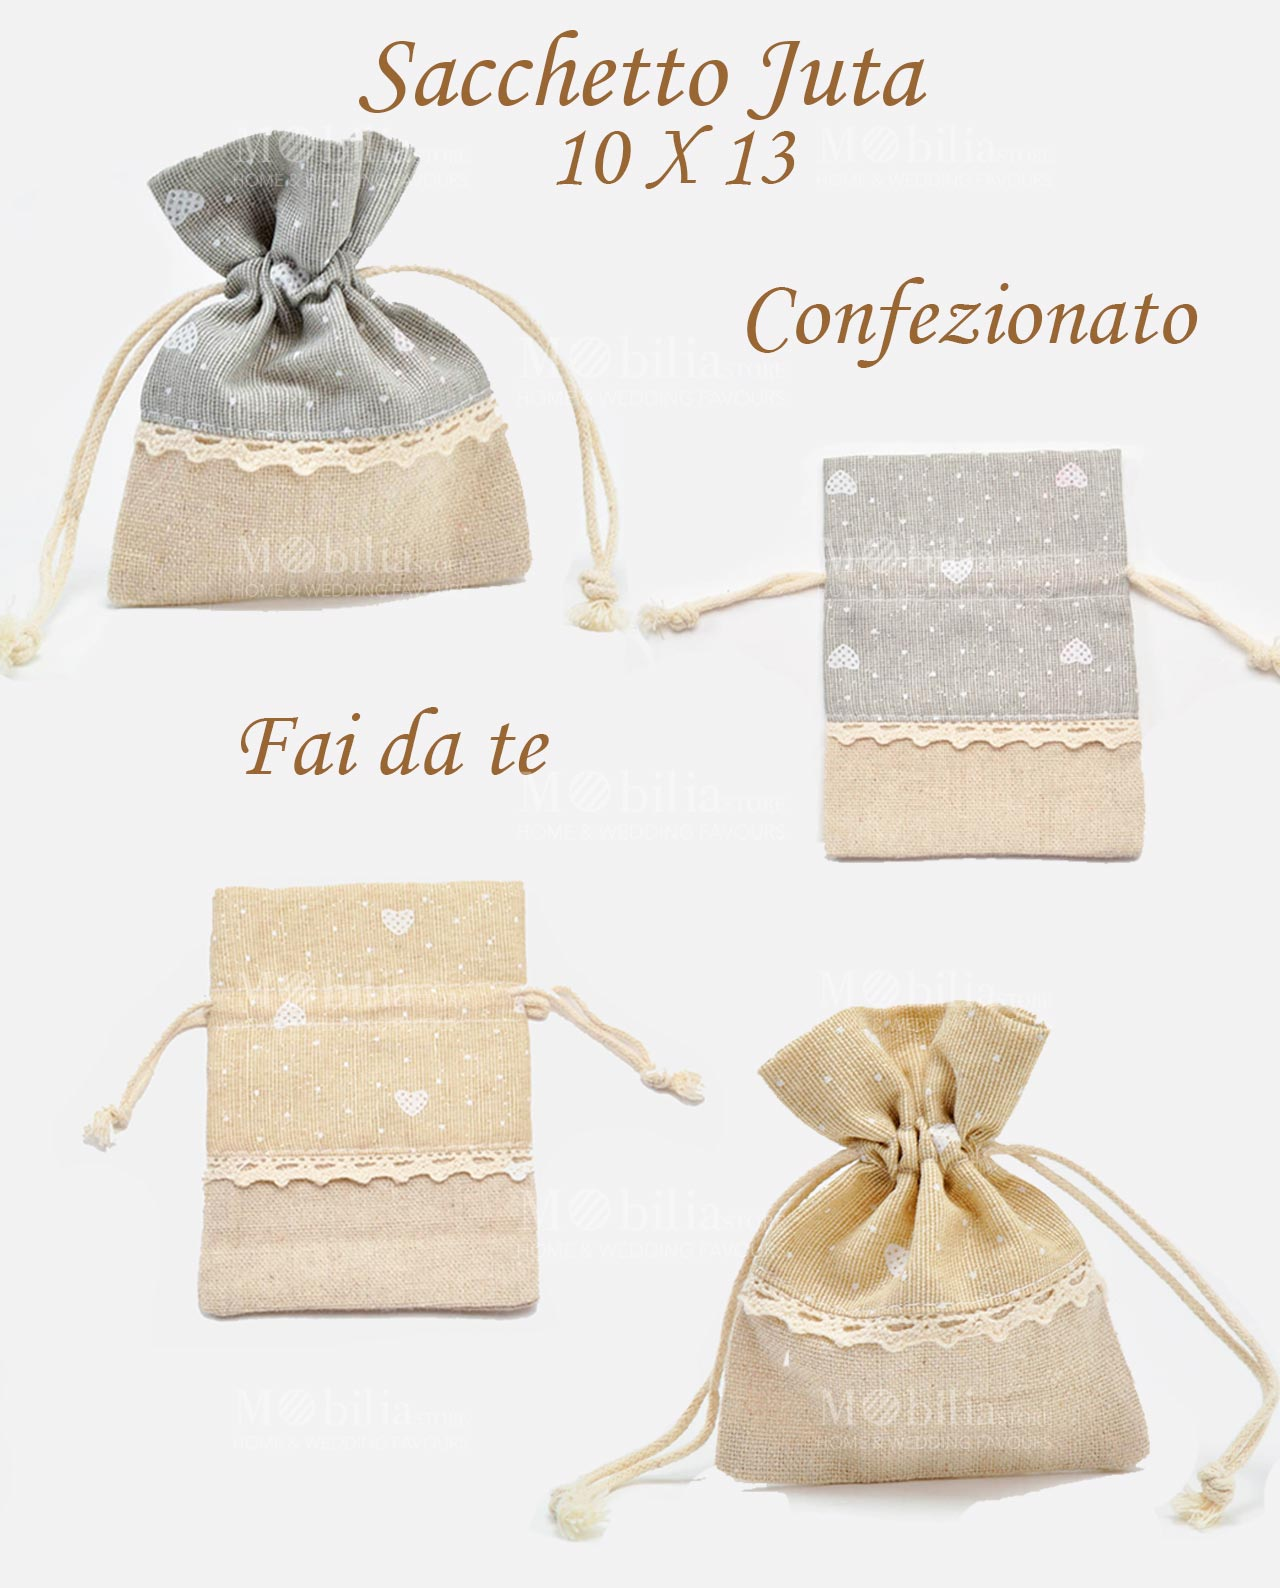 Ben noto Sacchetti Portaconfetti Juta Beige Grandi IM15